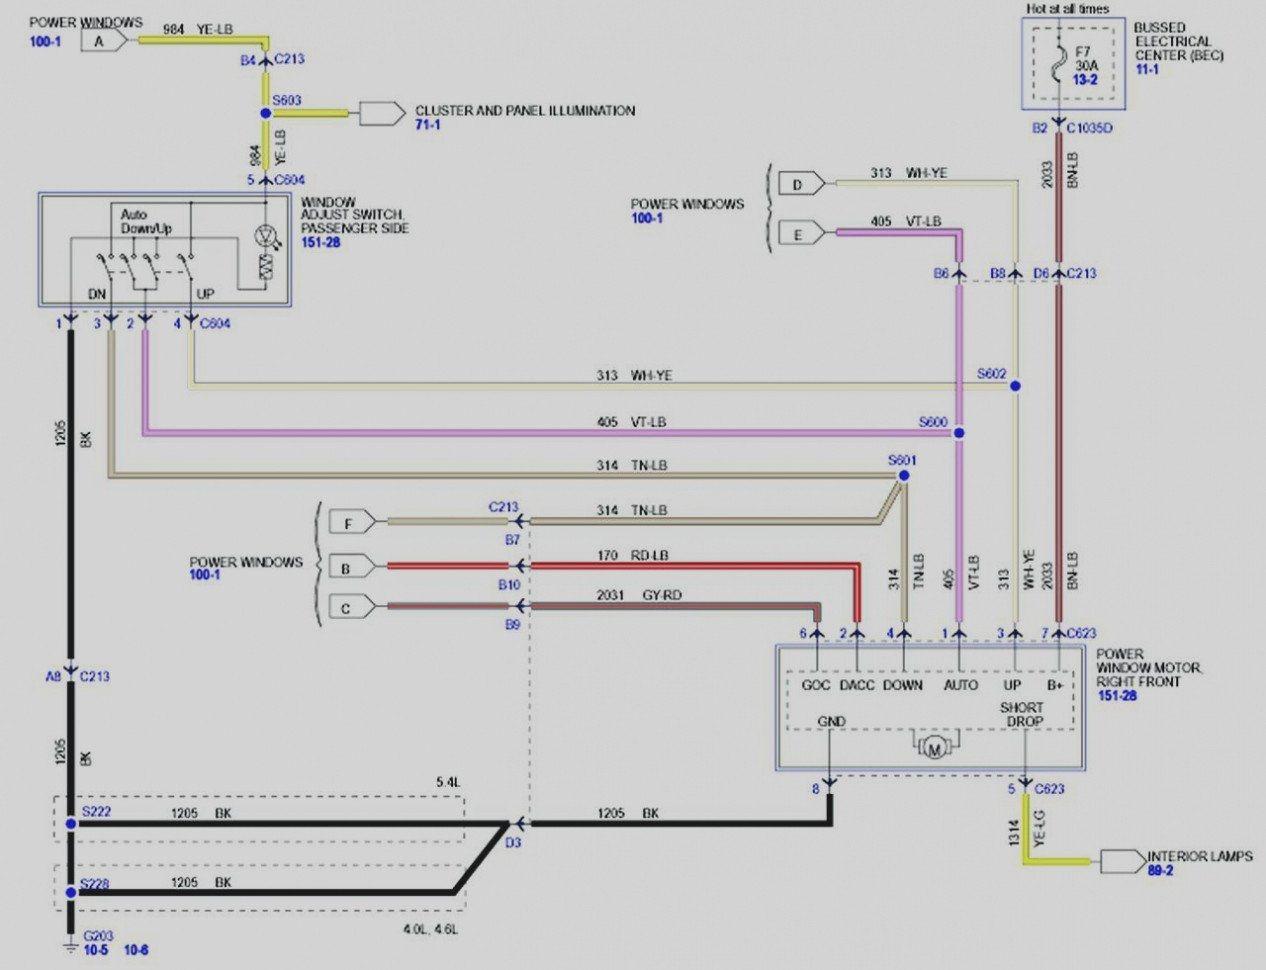 06 mustang wiring diagram ff 3210  ford mustang shaker 500 radio wiring diagram mustang free  ford mustang shaker 500 radio wiring